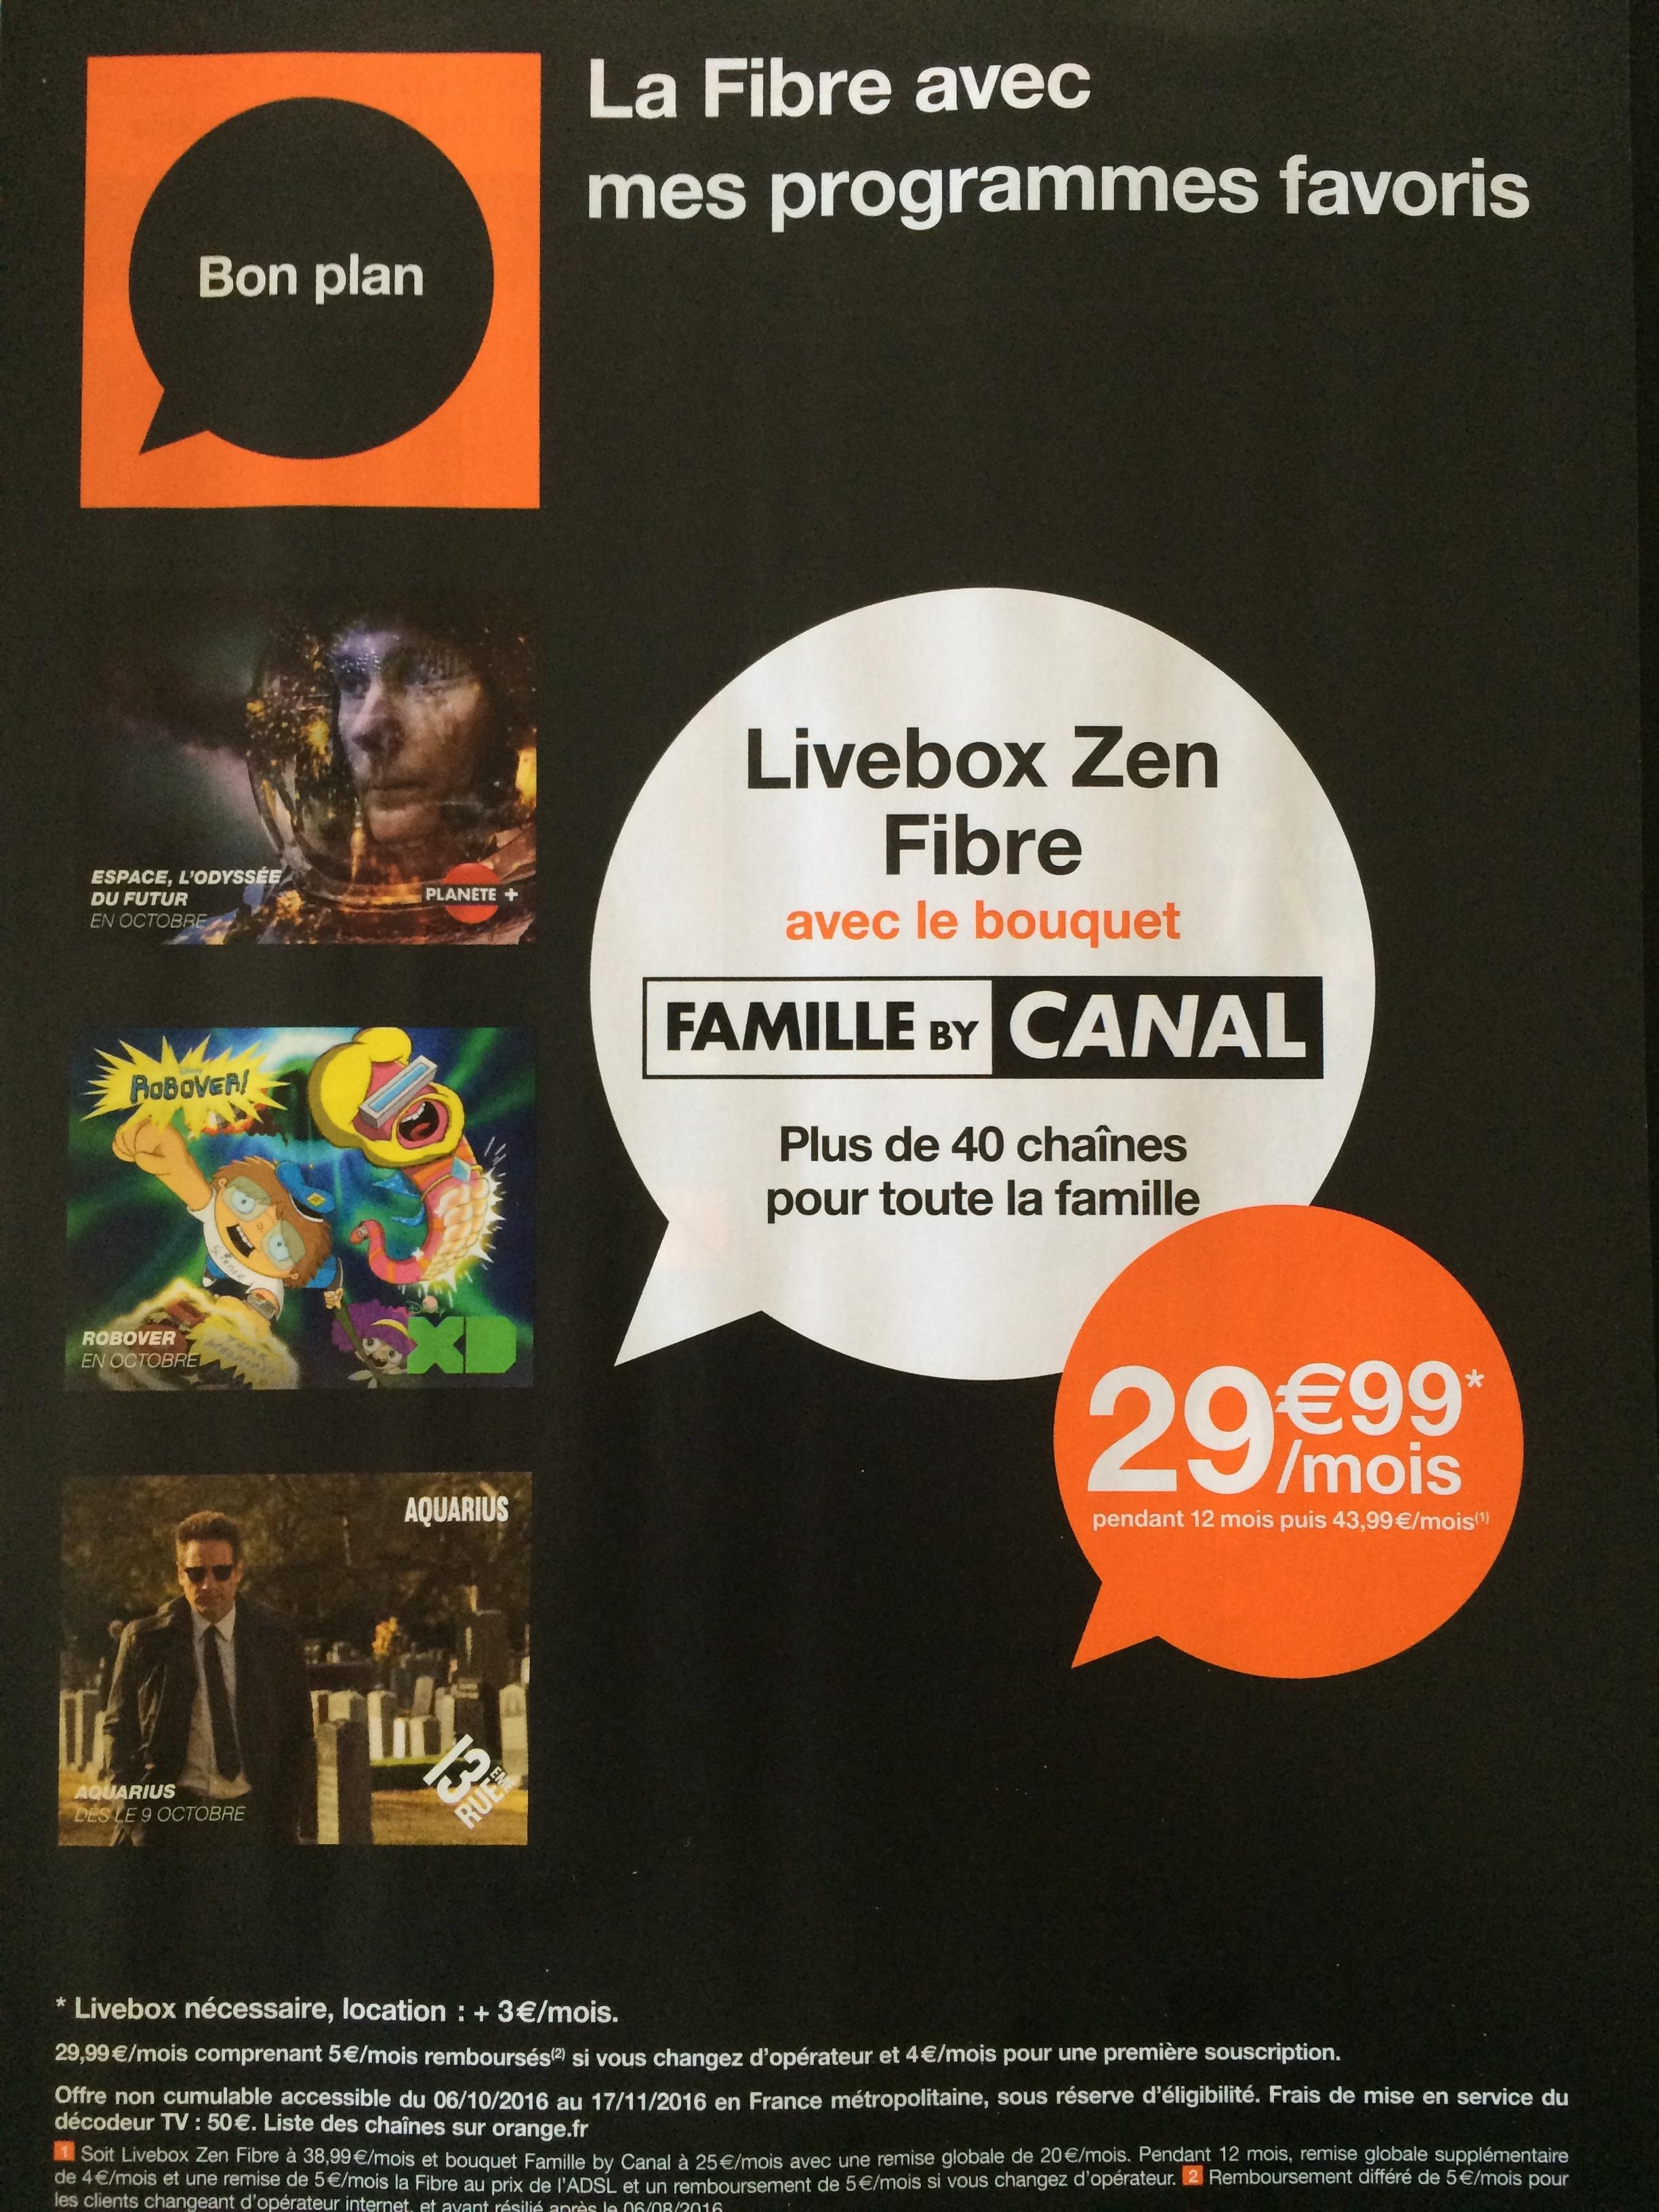 Abonnement mensuel Livebox Zen Fibre + Bouquet Famille By Canal - Pendant 12 mois (Location comprise)